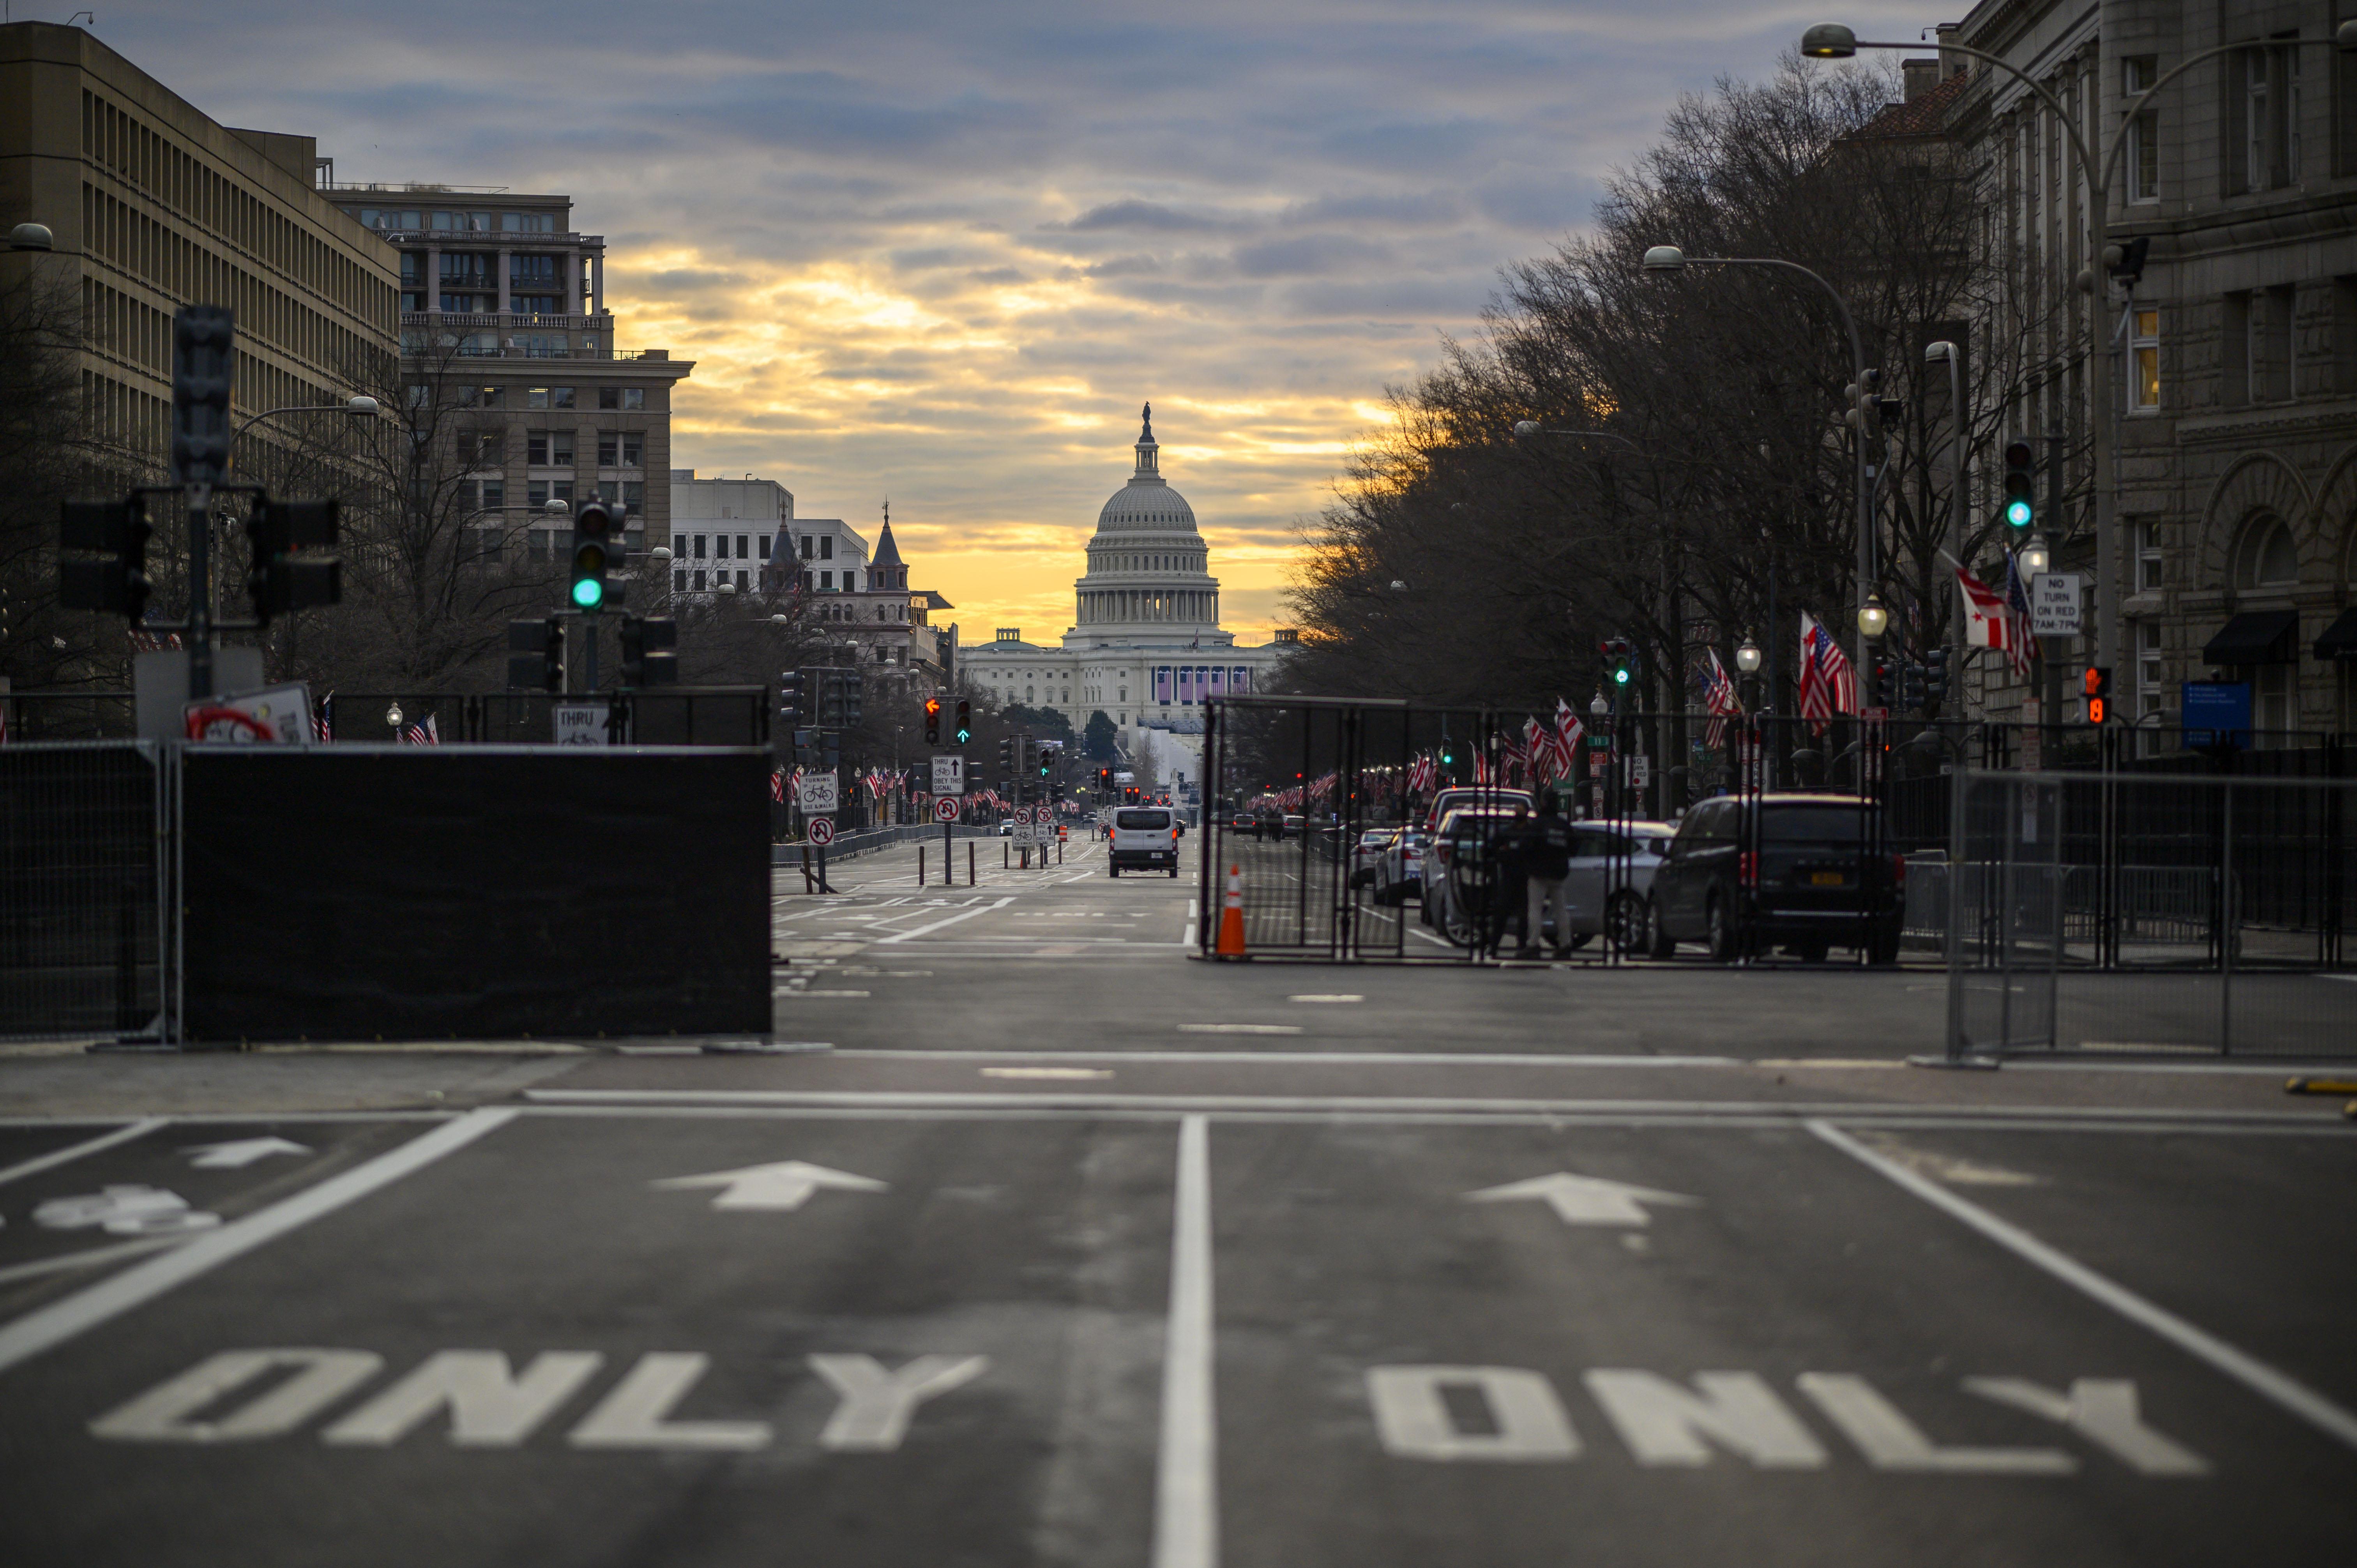 Biden team says US will not lift travel bans, despite Trump statement